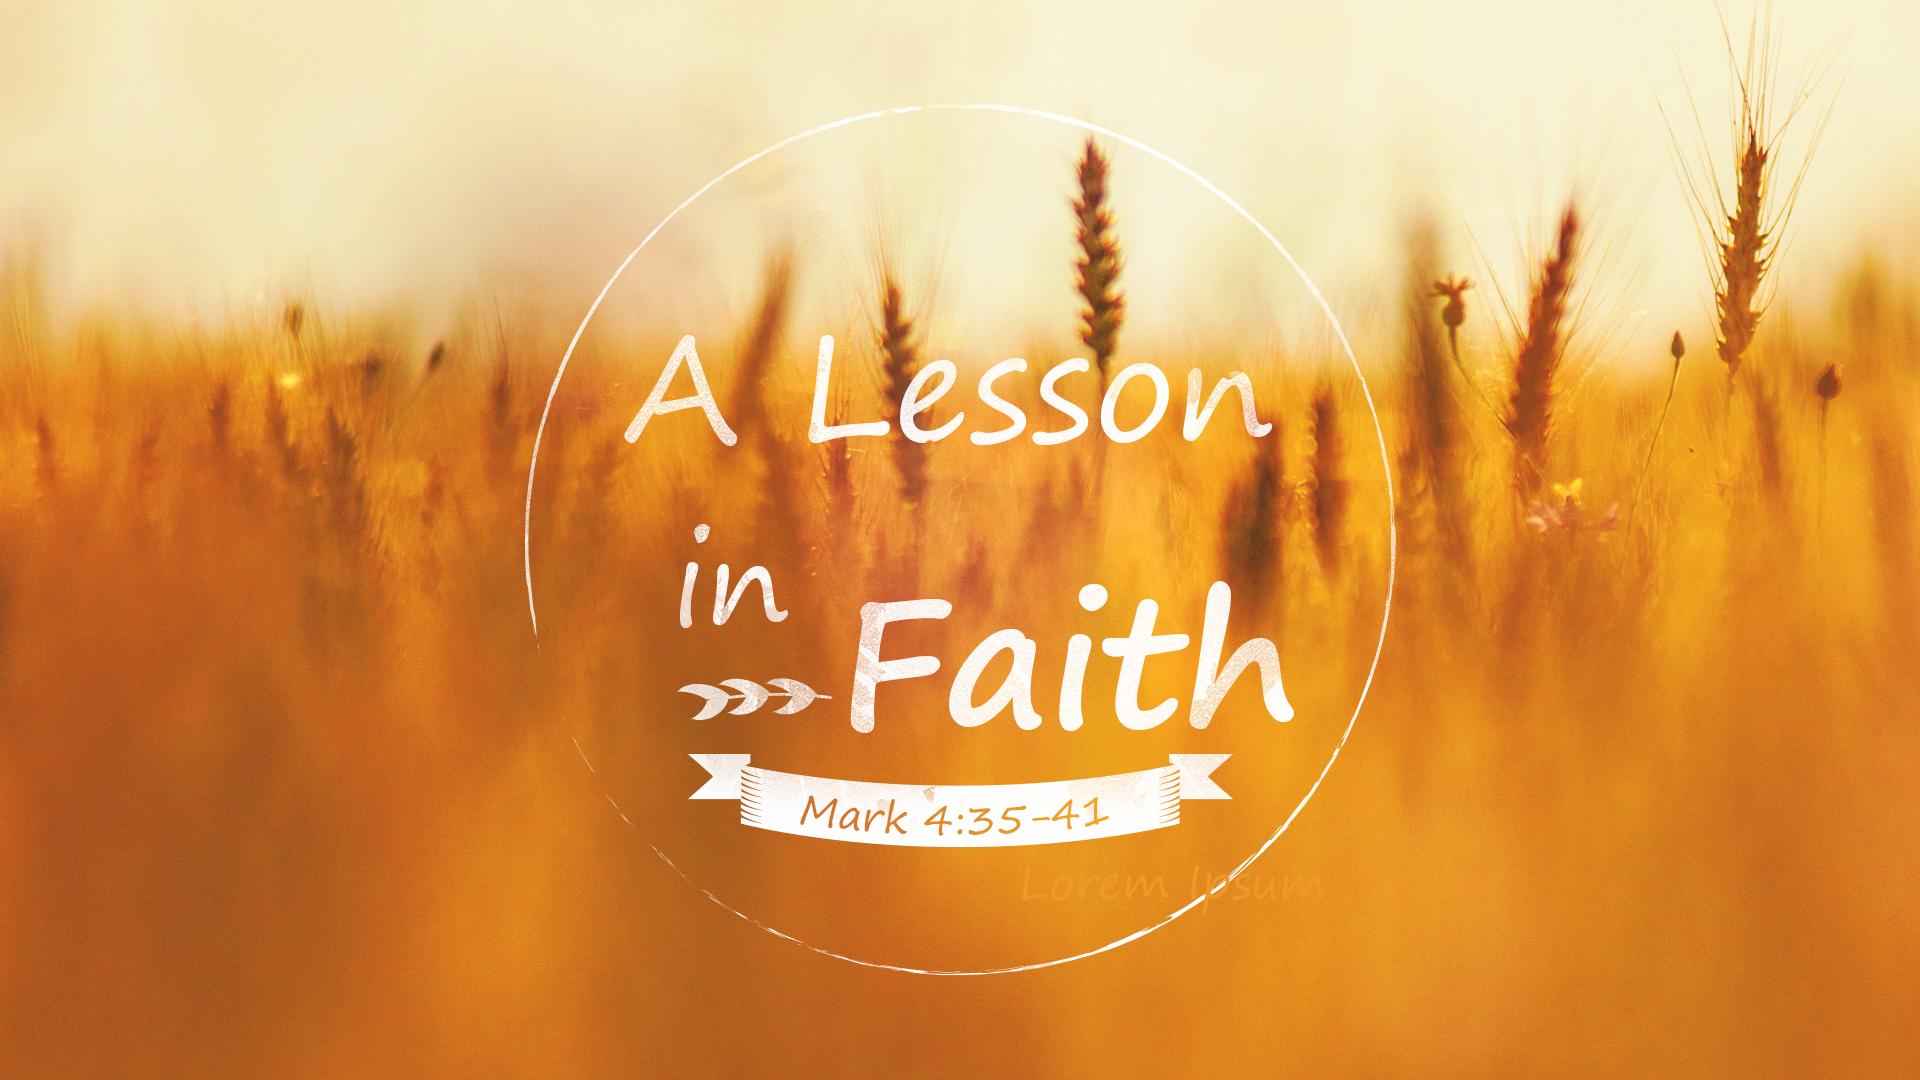 A Lesson In Faith